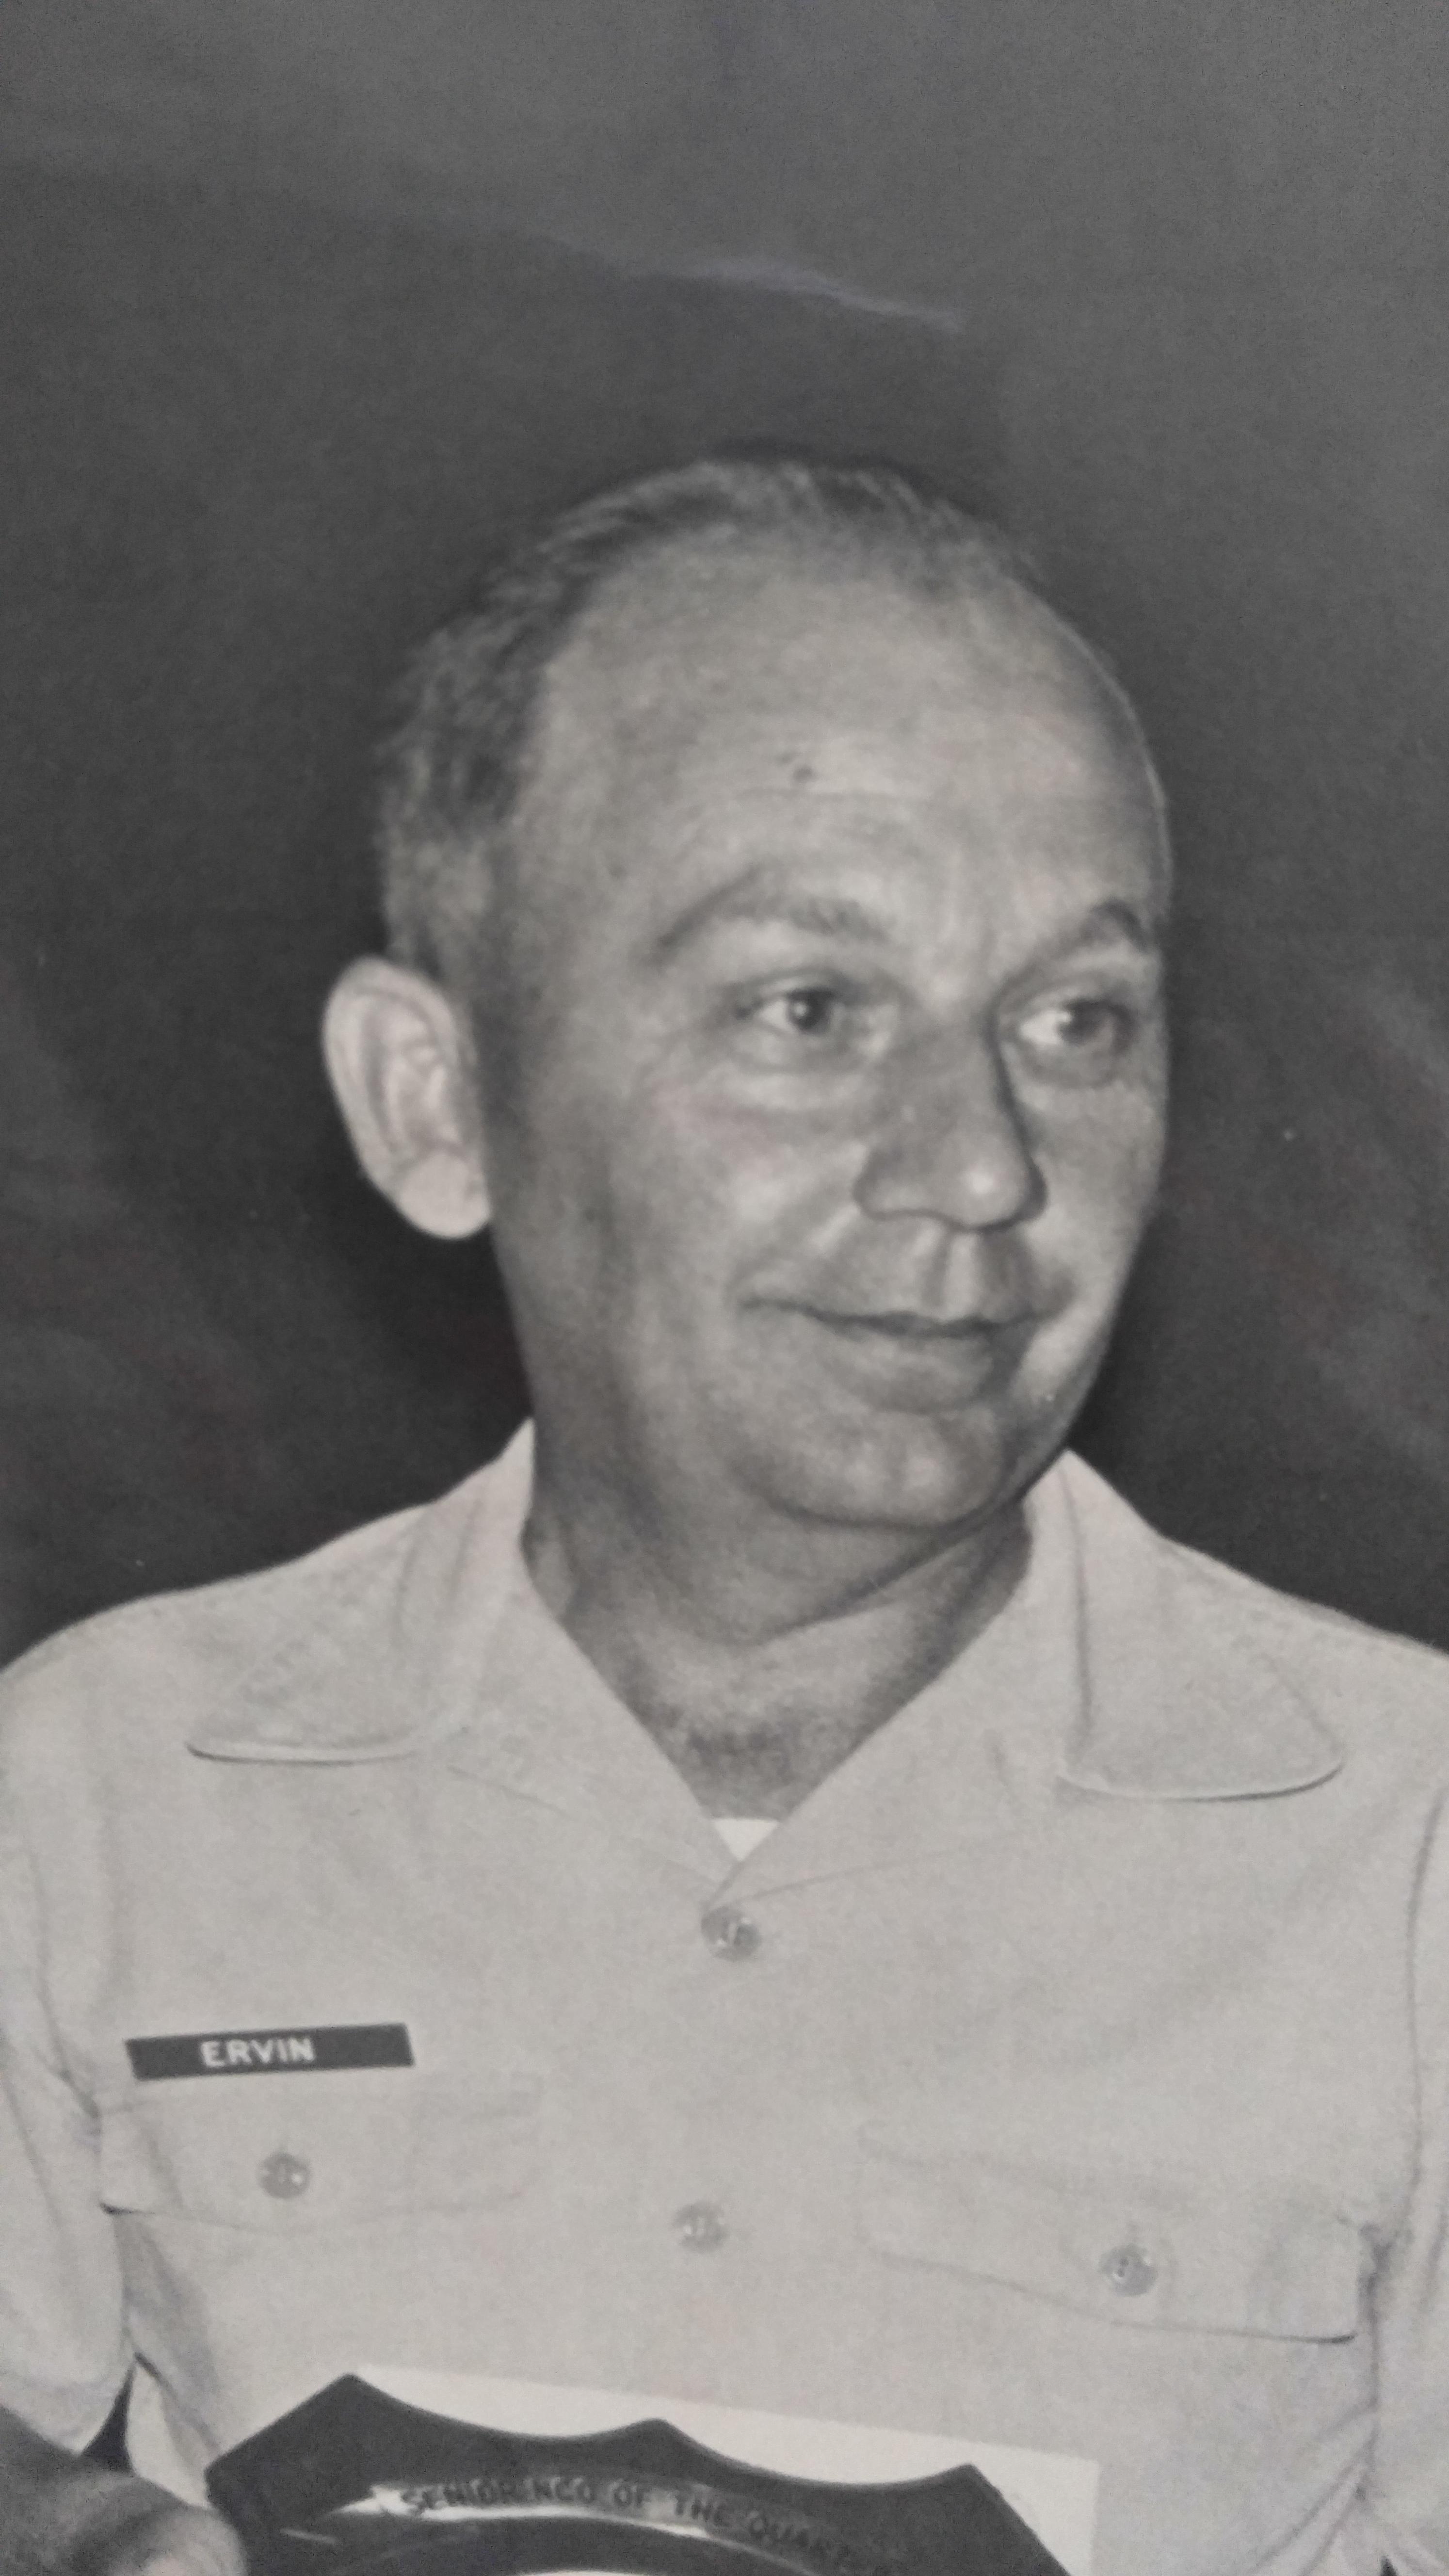 Vernon Lee Ervin